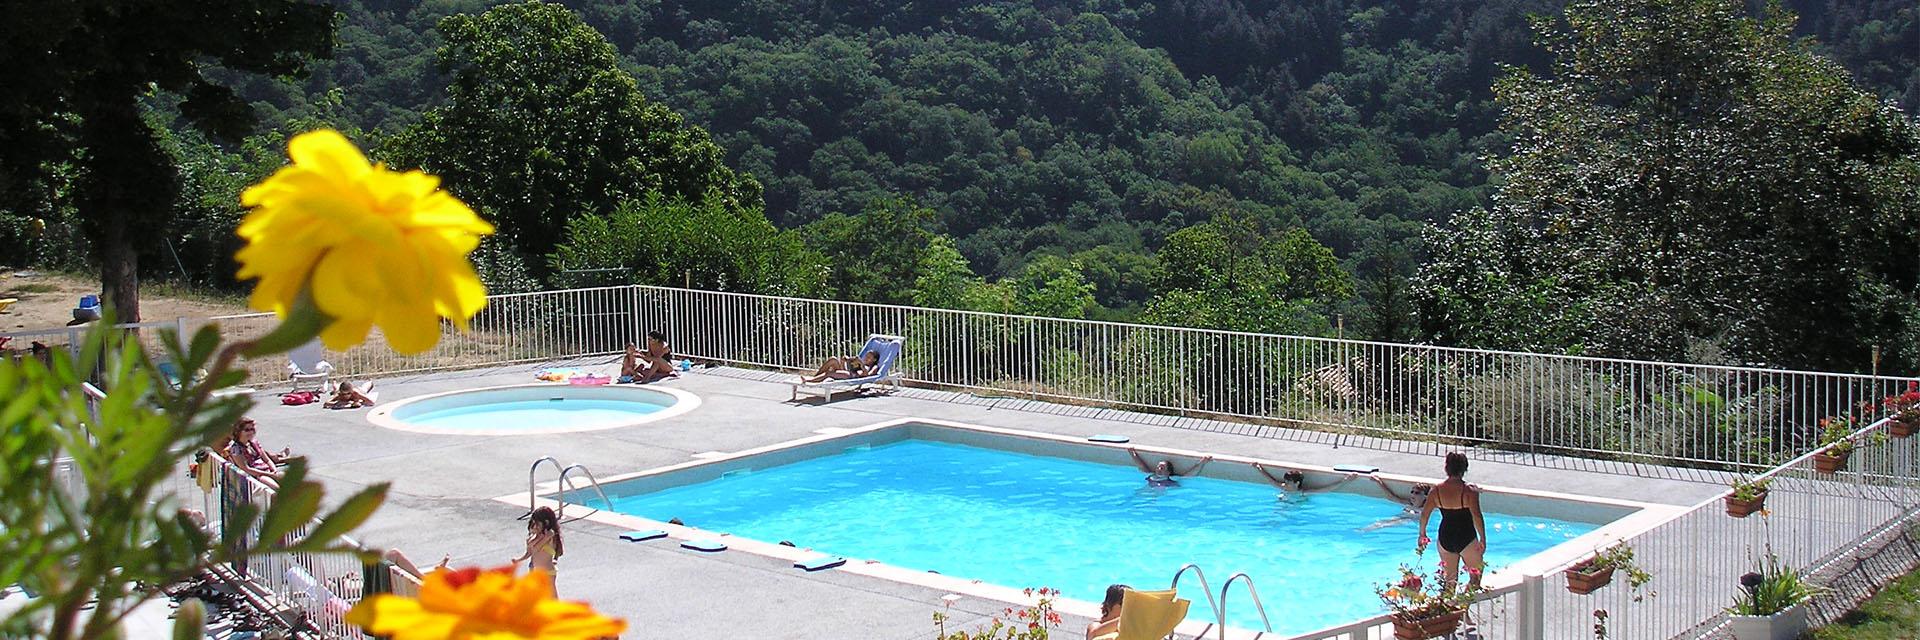 Village_club_vacances_alpes-de-haute-provence_semeuse_piscine